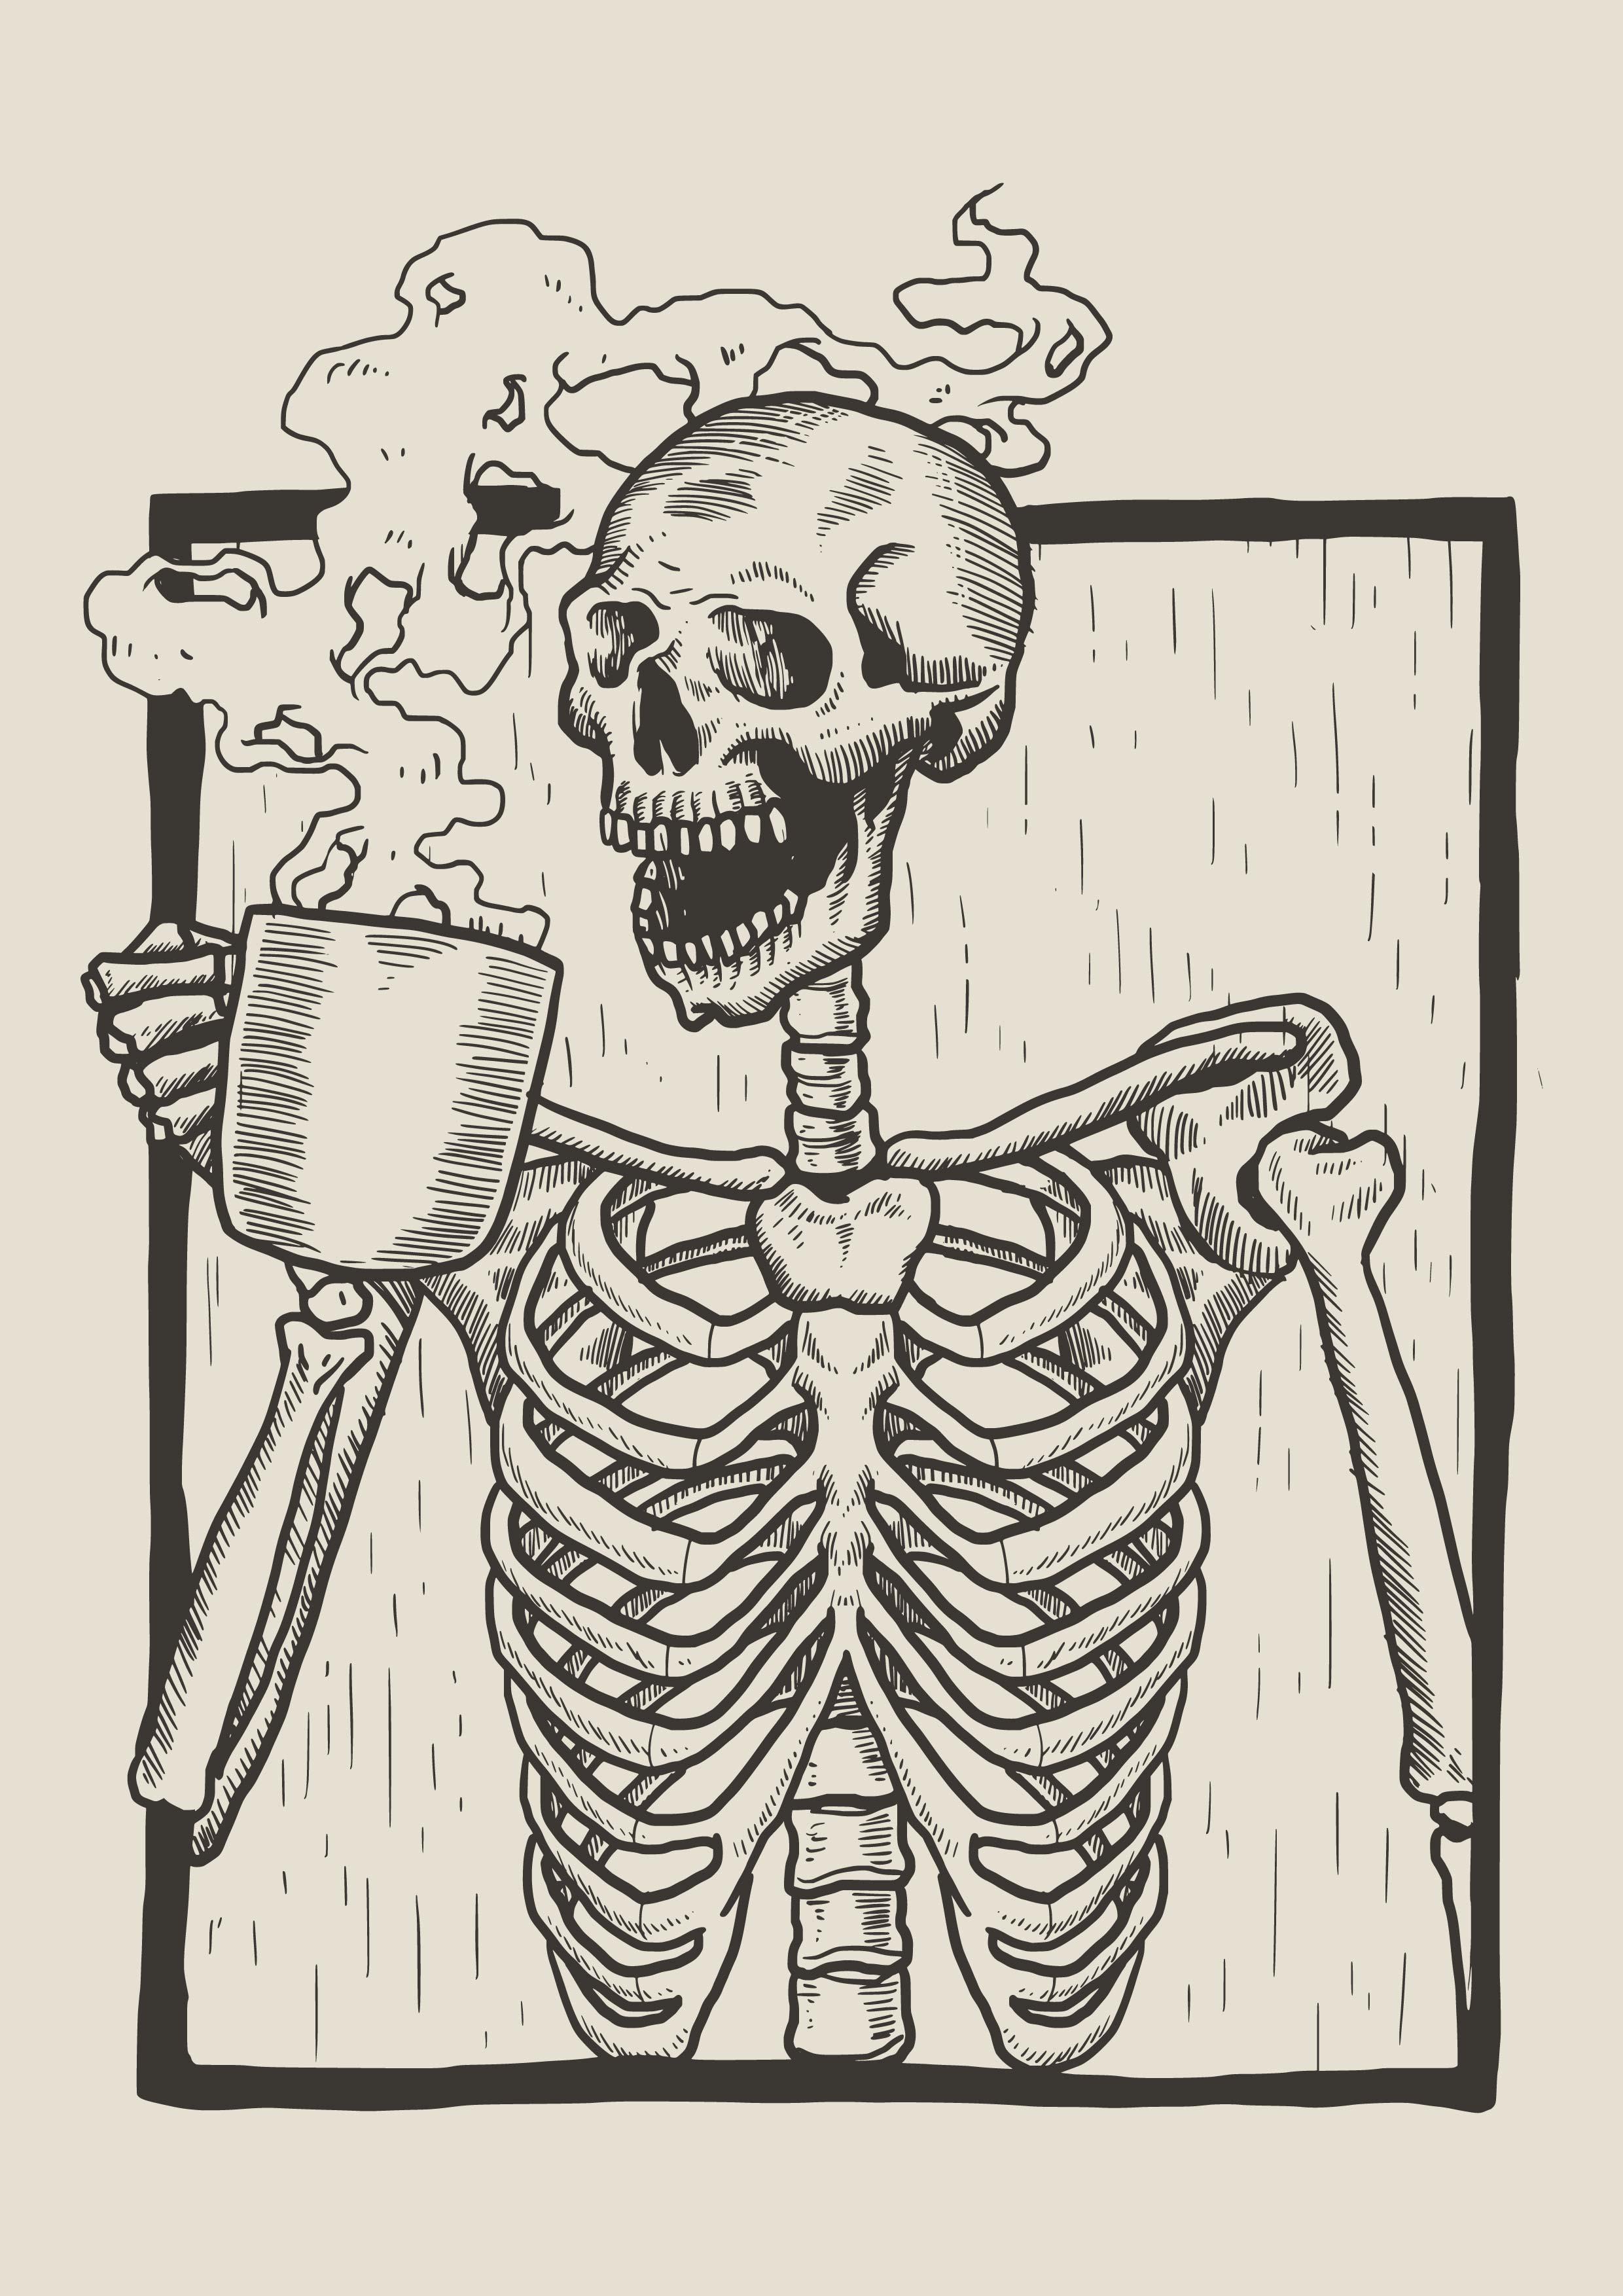 Skeleton Linocut Drink Coffee - Download Free Vectors ...